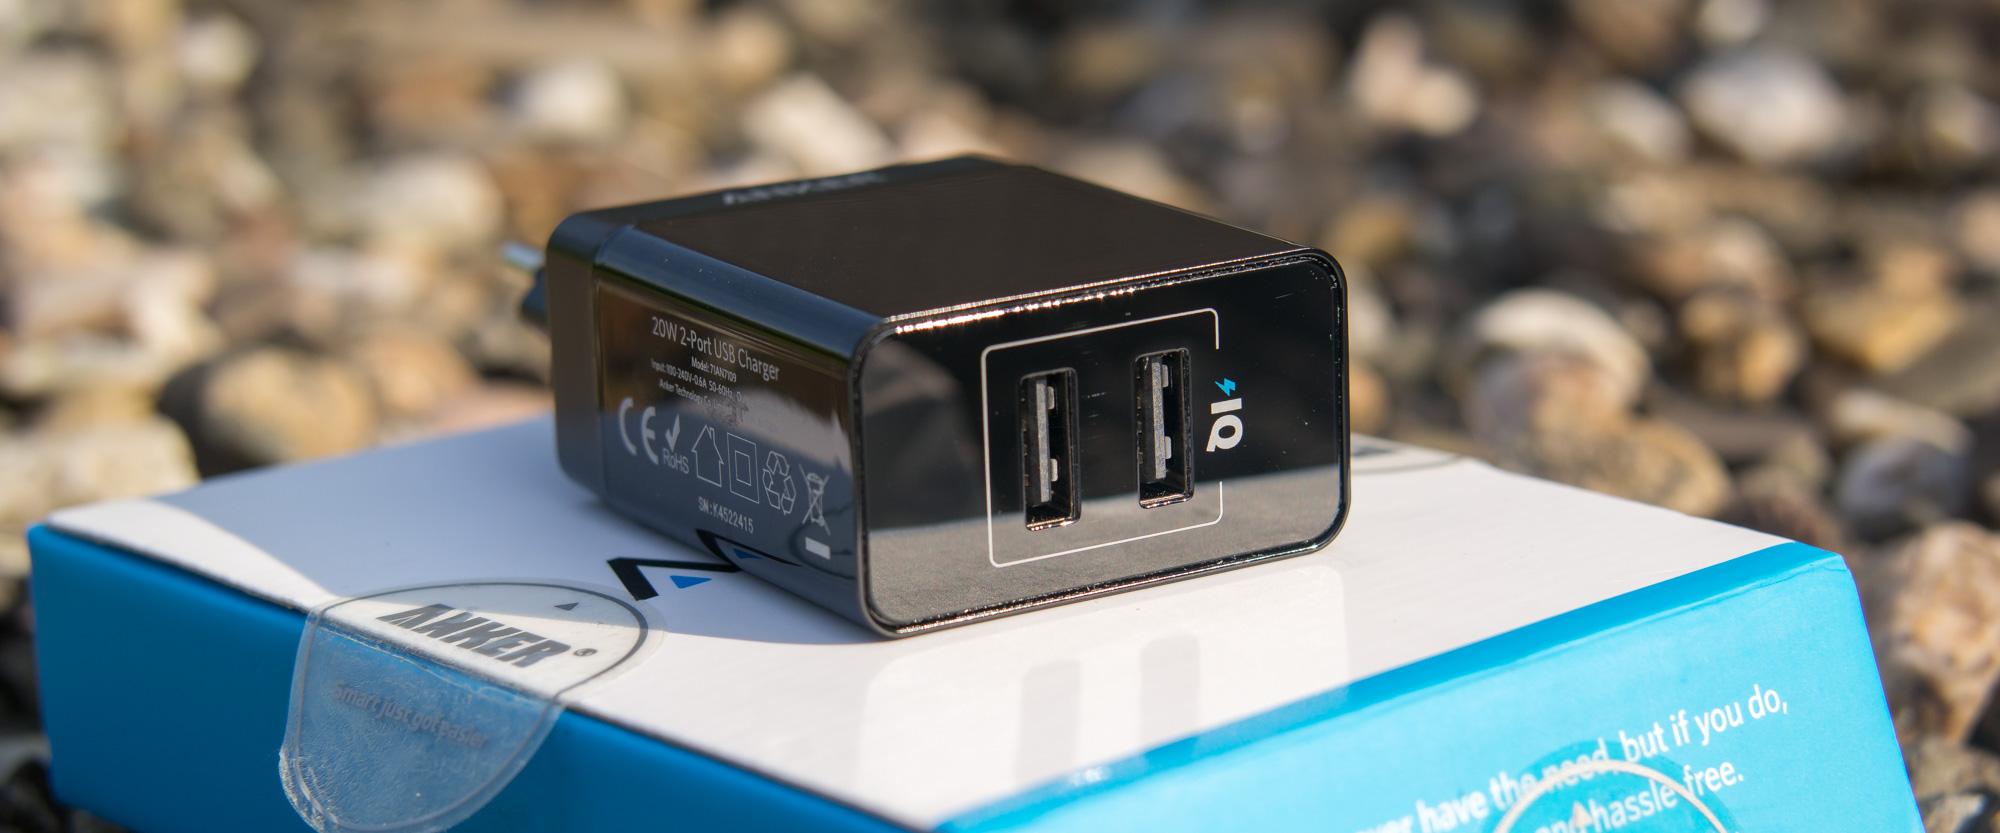 Gewohnte Anker Qualität in klein? Anker 20W 2-Port USB Ladegerät